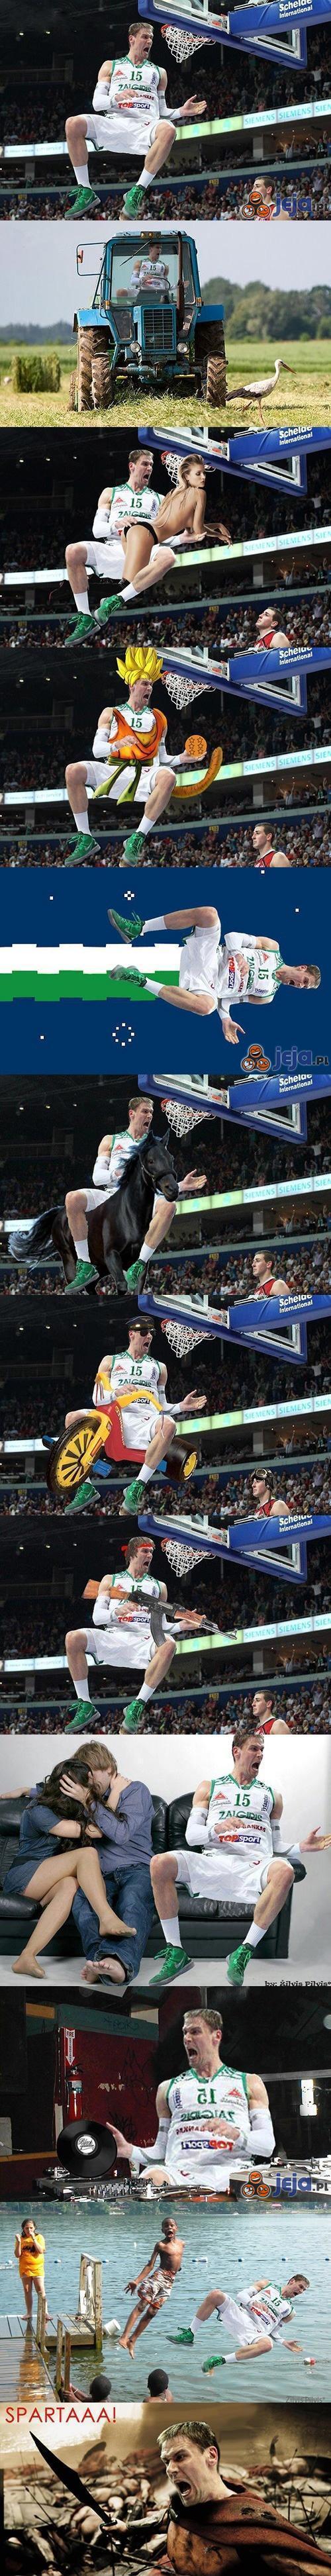 Koszykarz i jego przygody w photoshopie